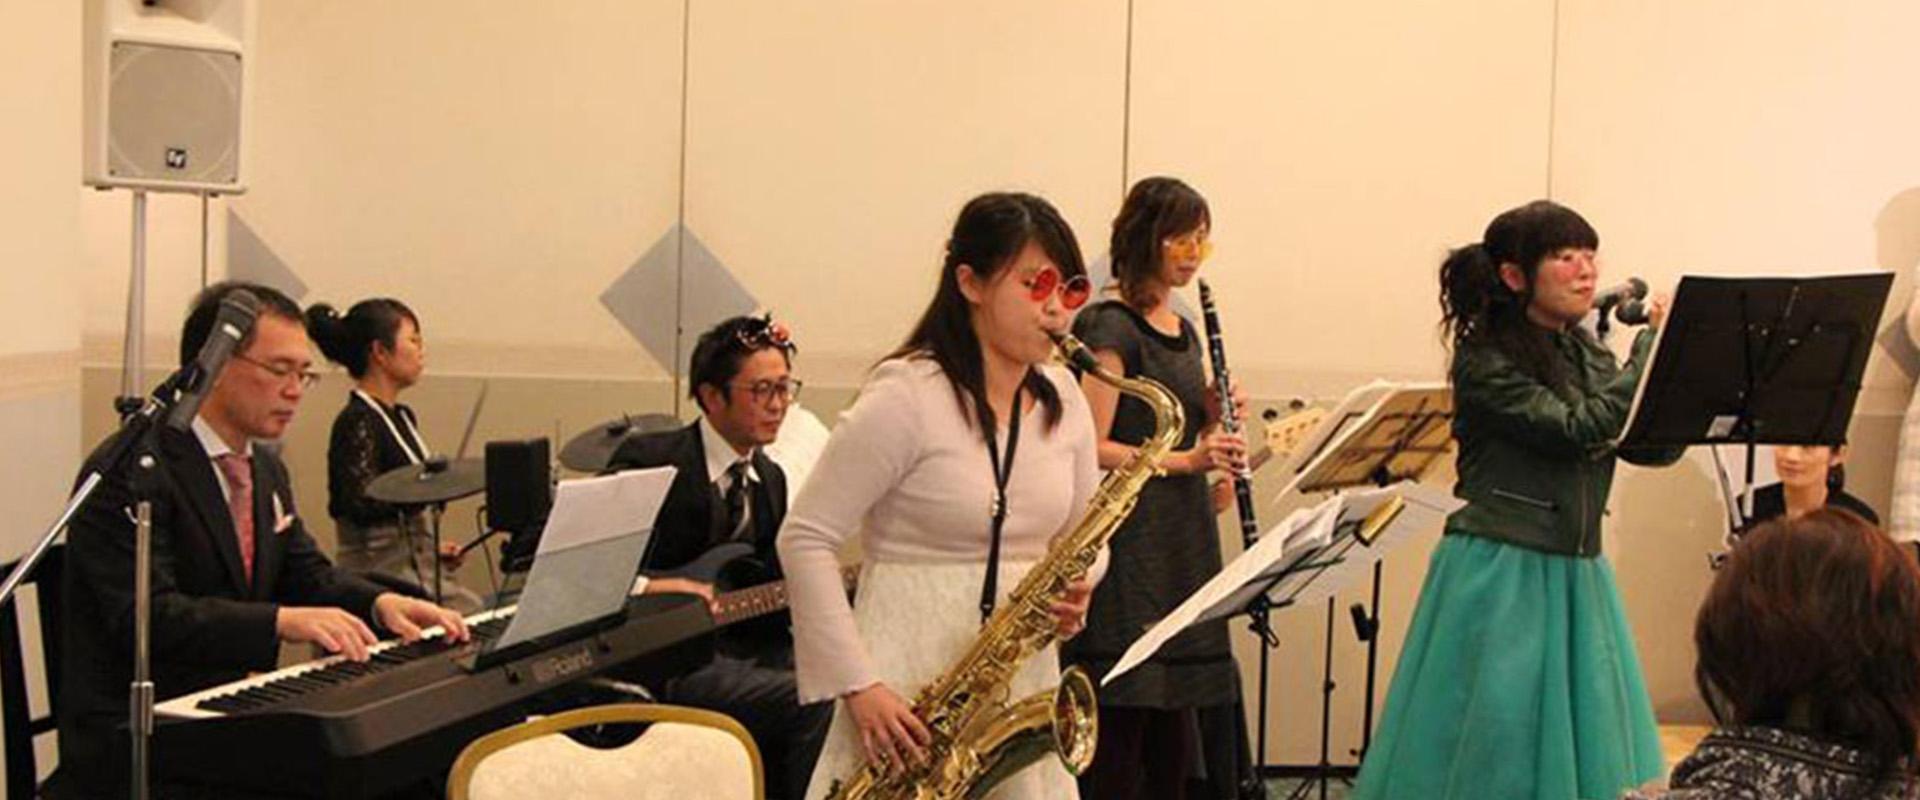 鉃友会職員によるバンド演奏